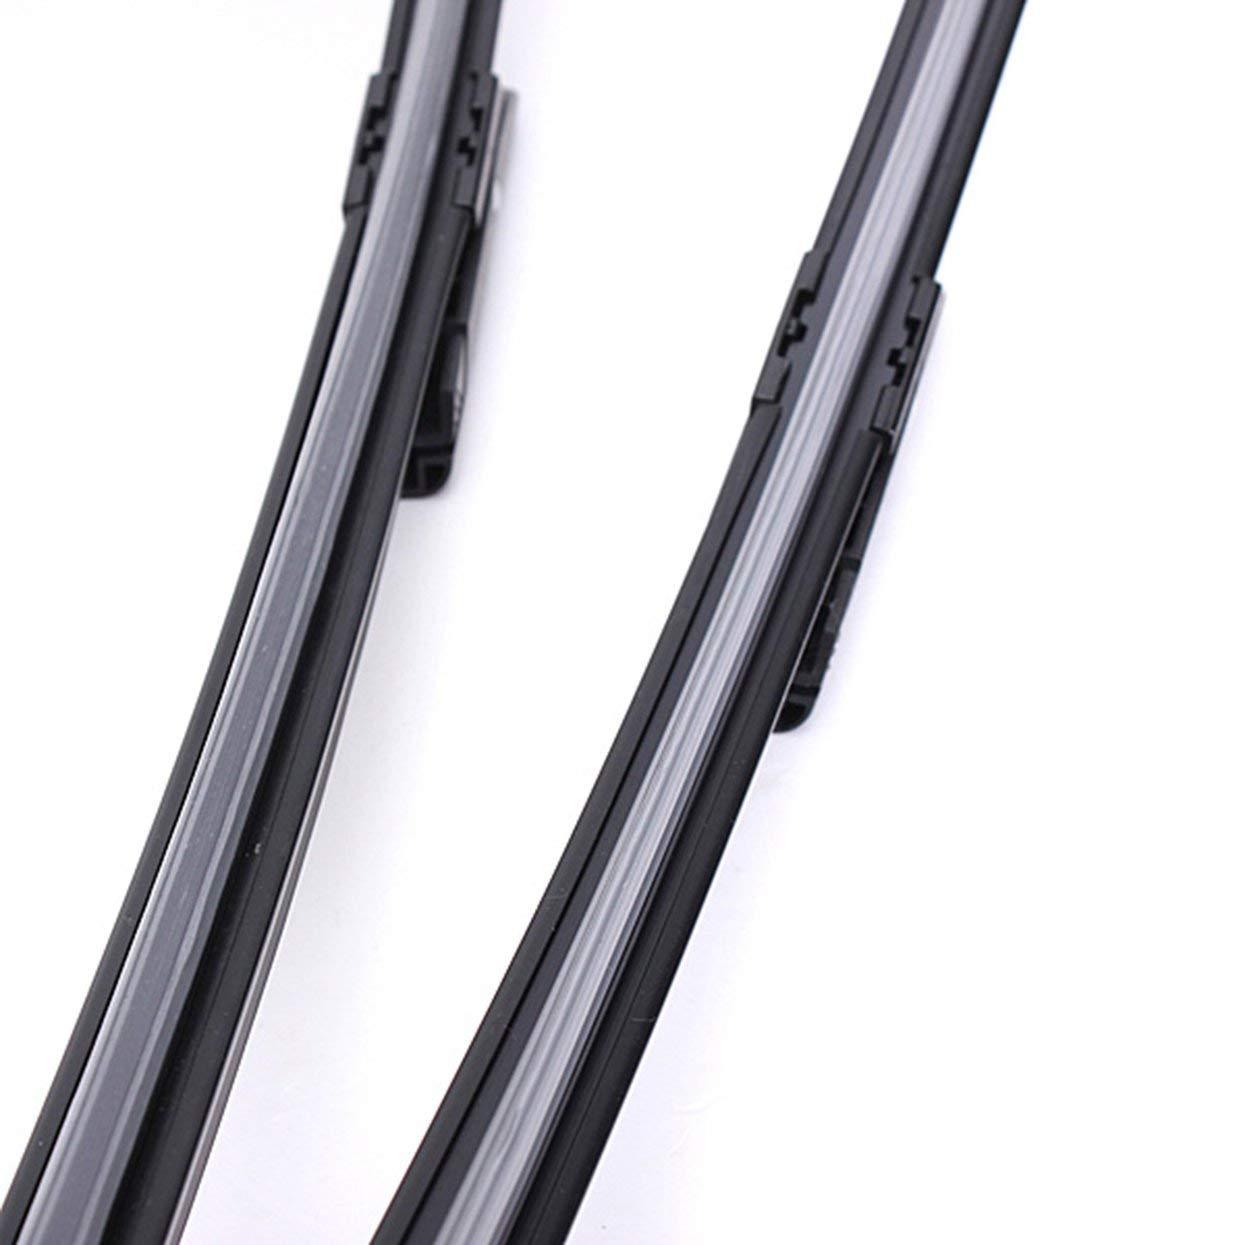 Escobillas del limpiaparabrisas delantero izquierda derecha para Citroen C4 Picasso/Grand Picasso: Amazon.es: Coche y moto